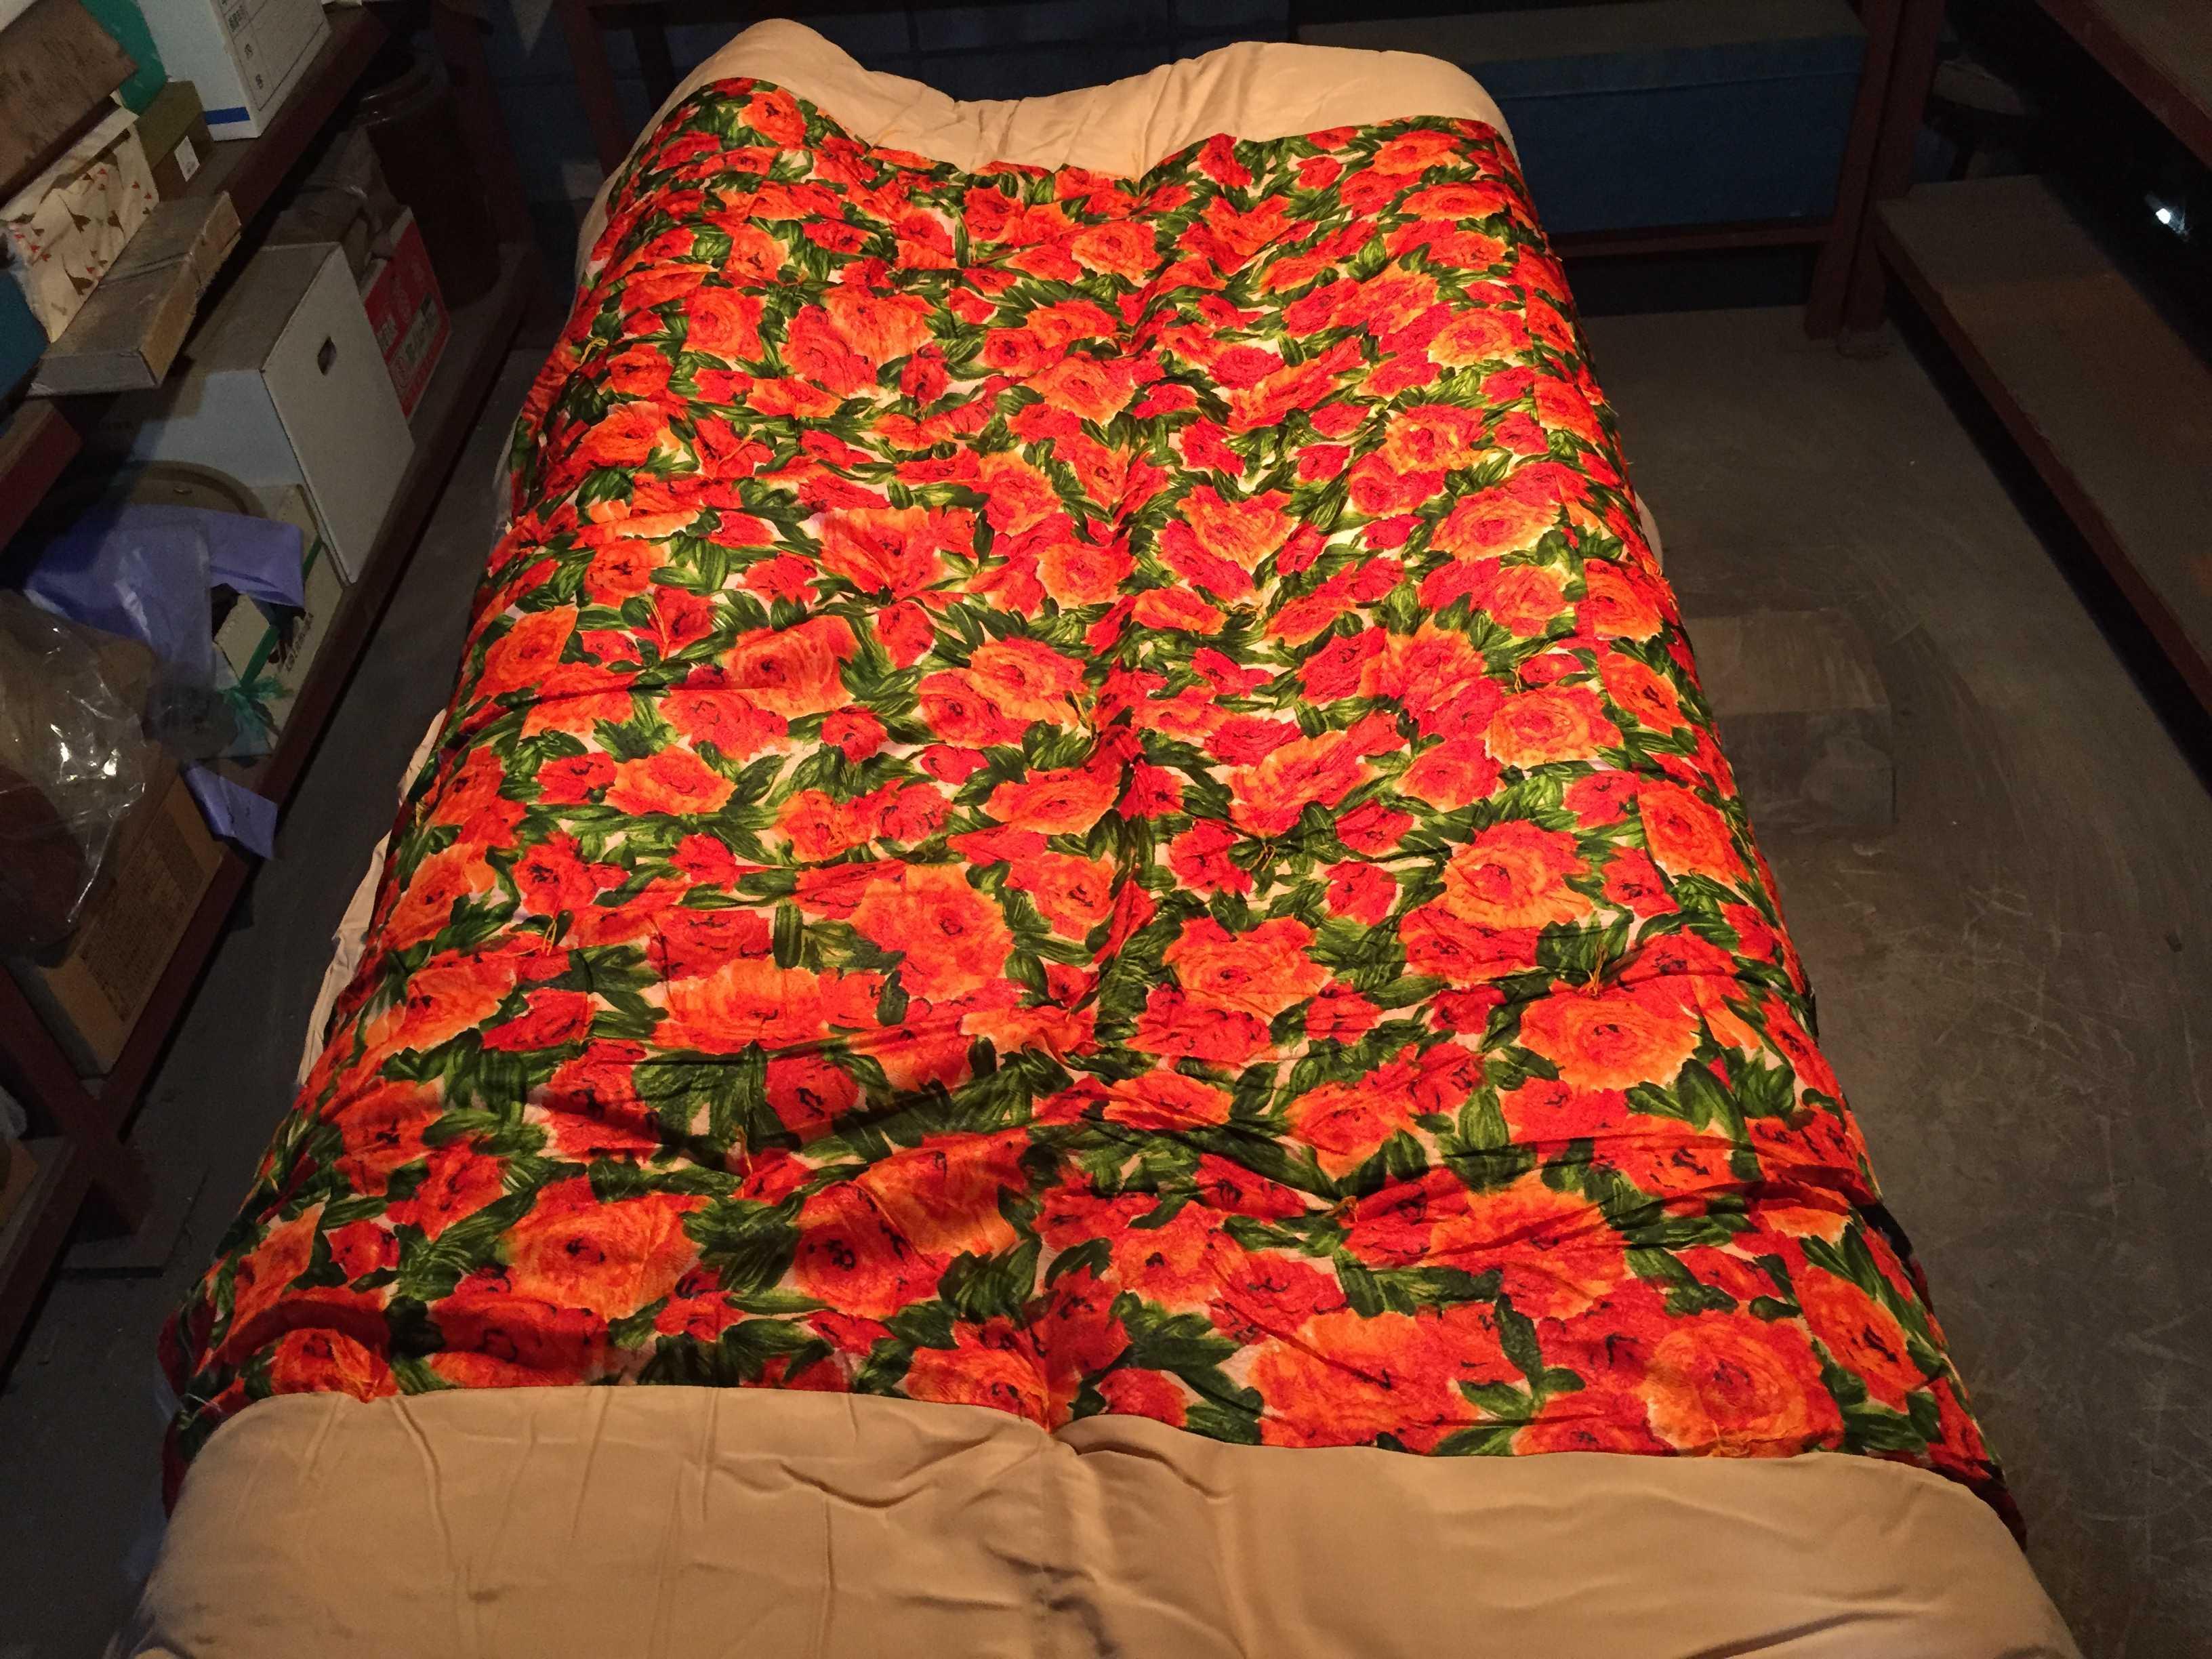 真っ赤な花柄の掛け蒲団(綿蒲団)